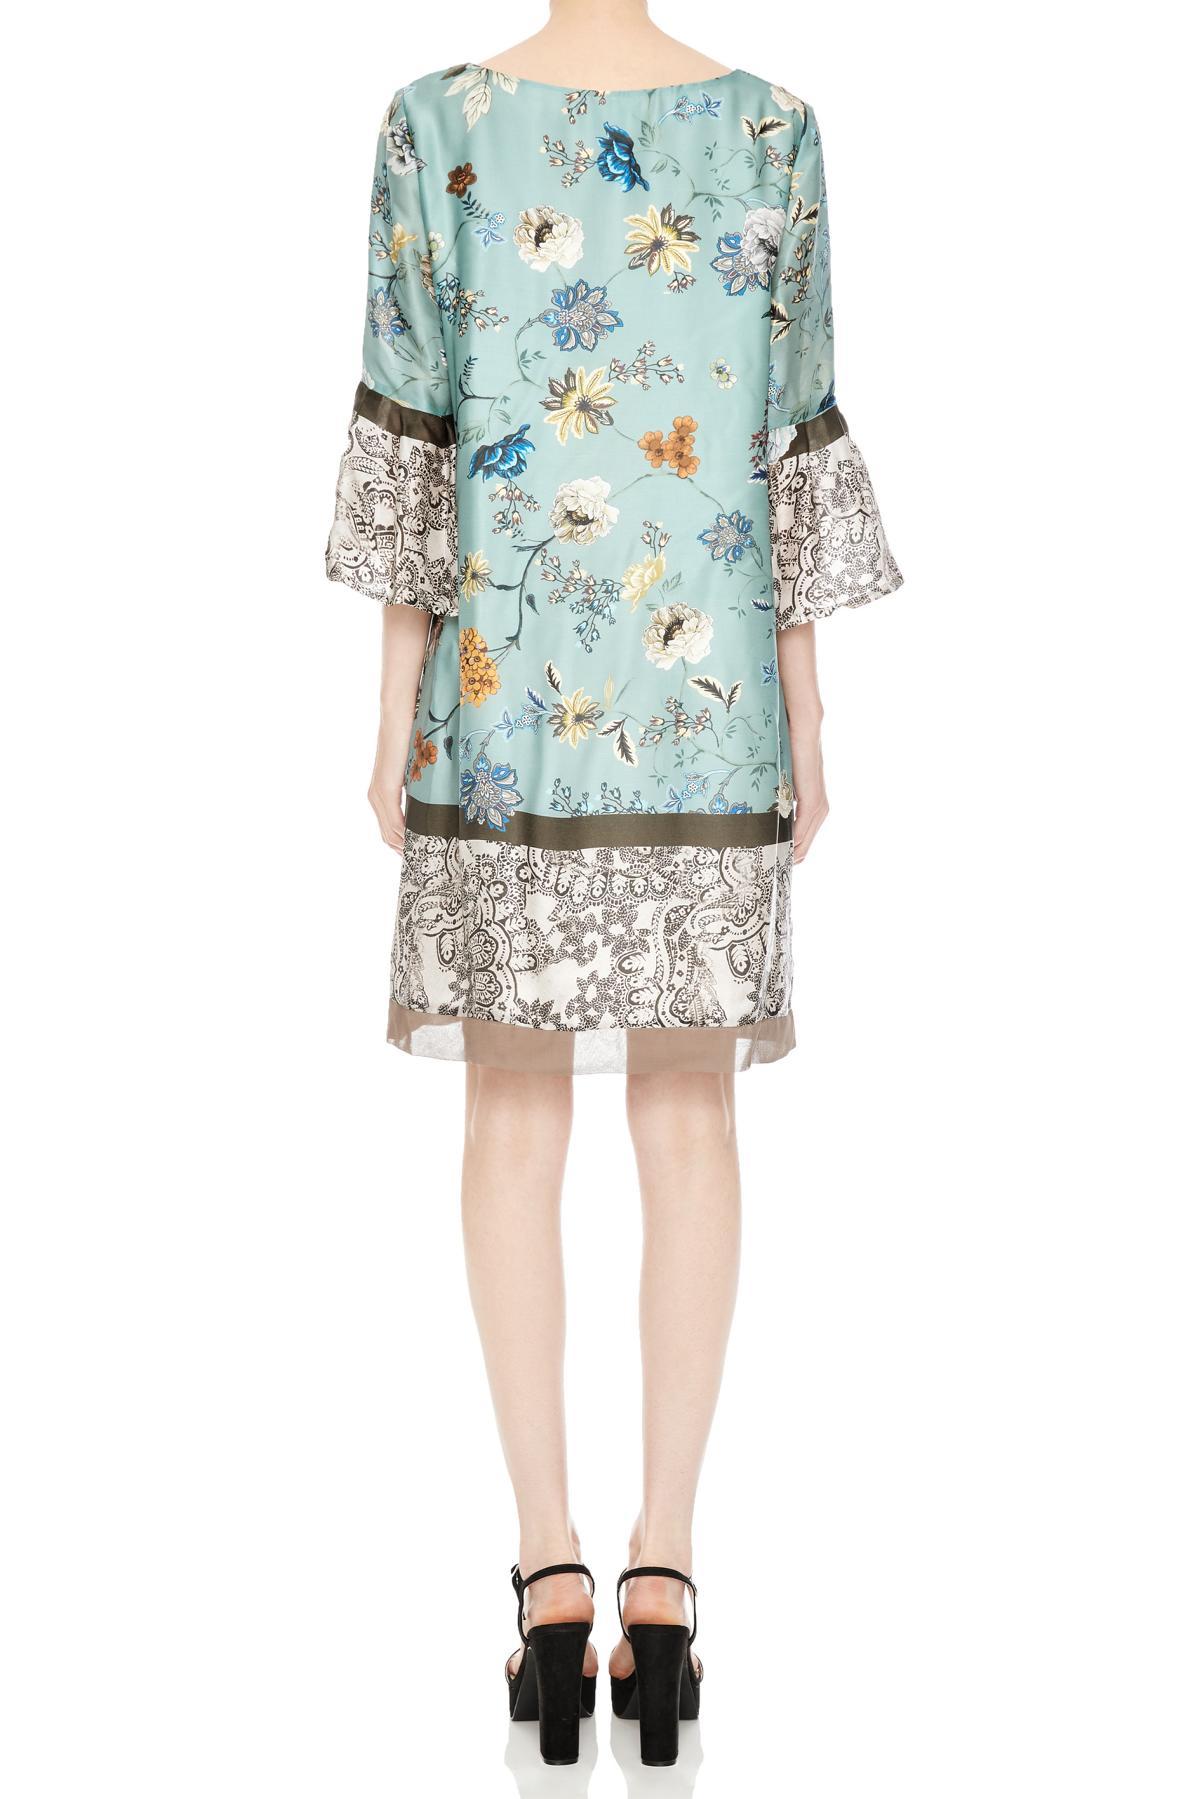 Rückansicht von Ana Alcazar Trompetenärmel Kleid Nasimy  angezogen an Model